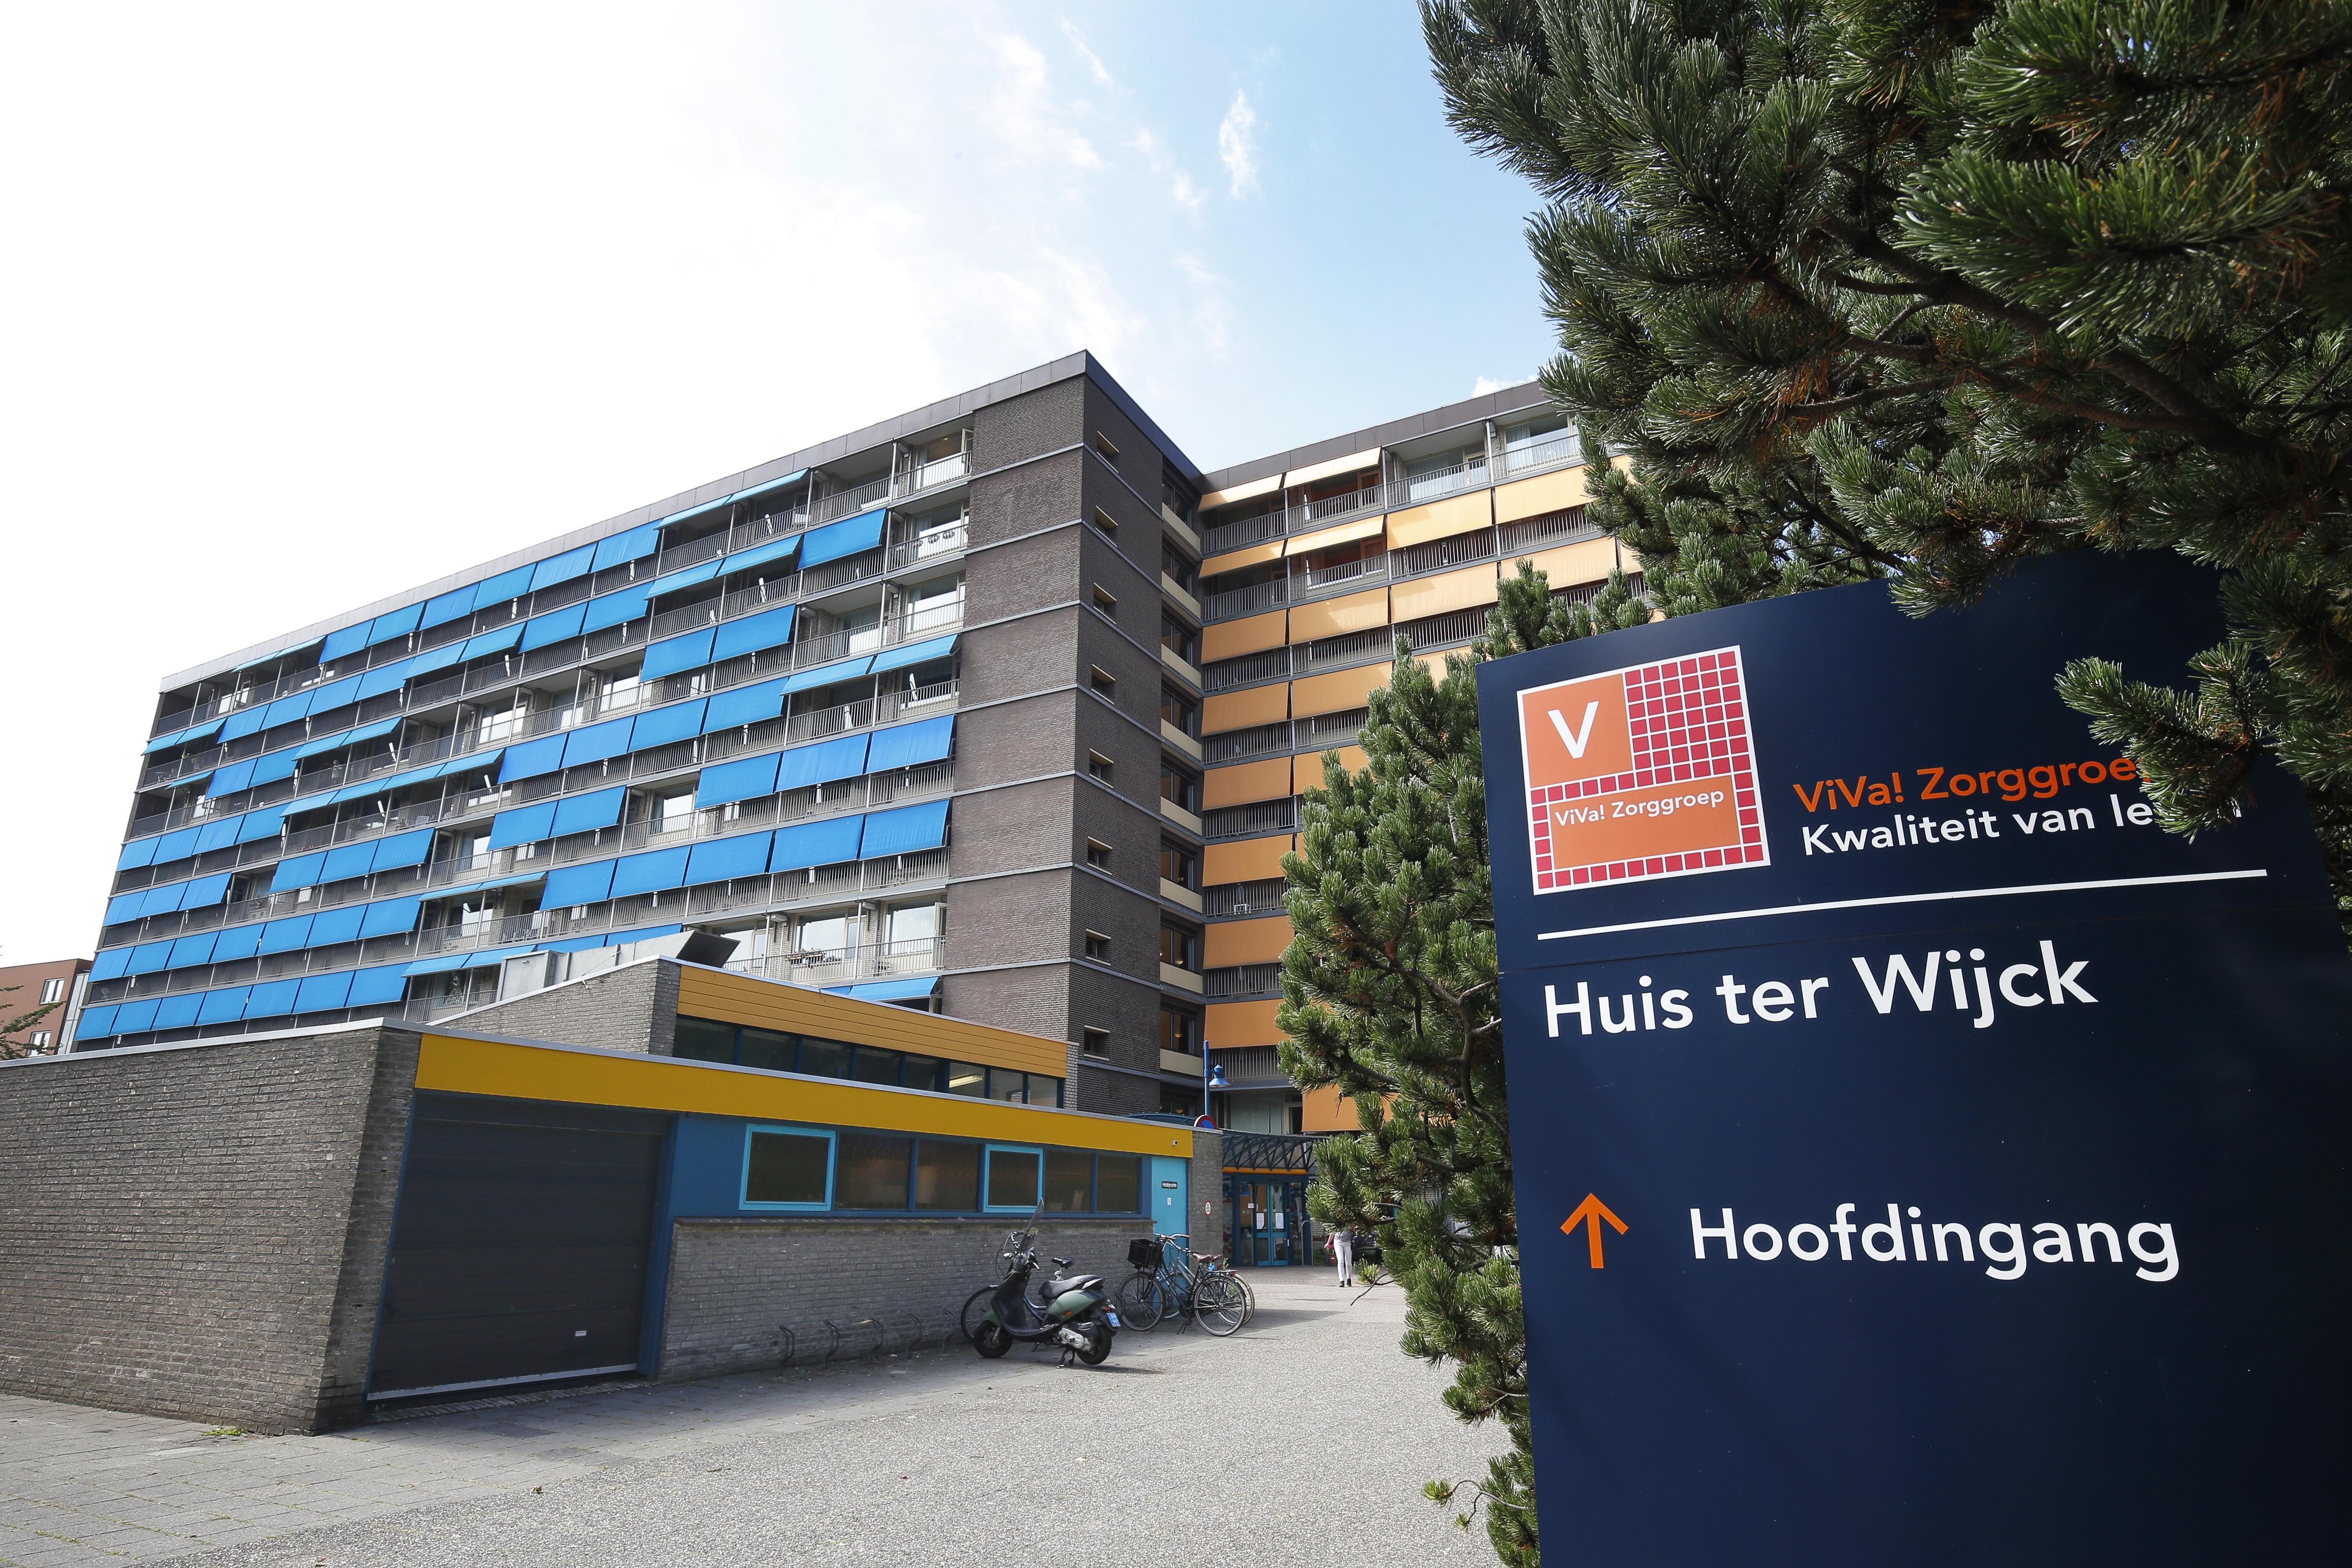 Huis ter Wijck leert: ouderen dupe van onvoorzichtigheid jeugd / Opinie